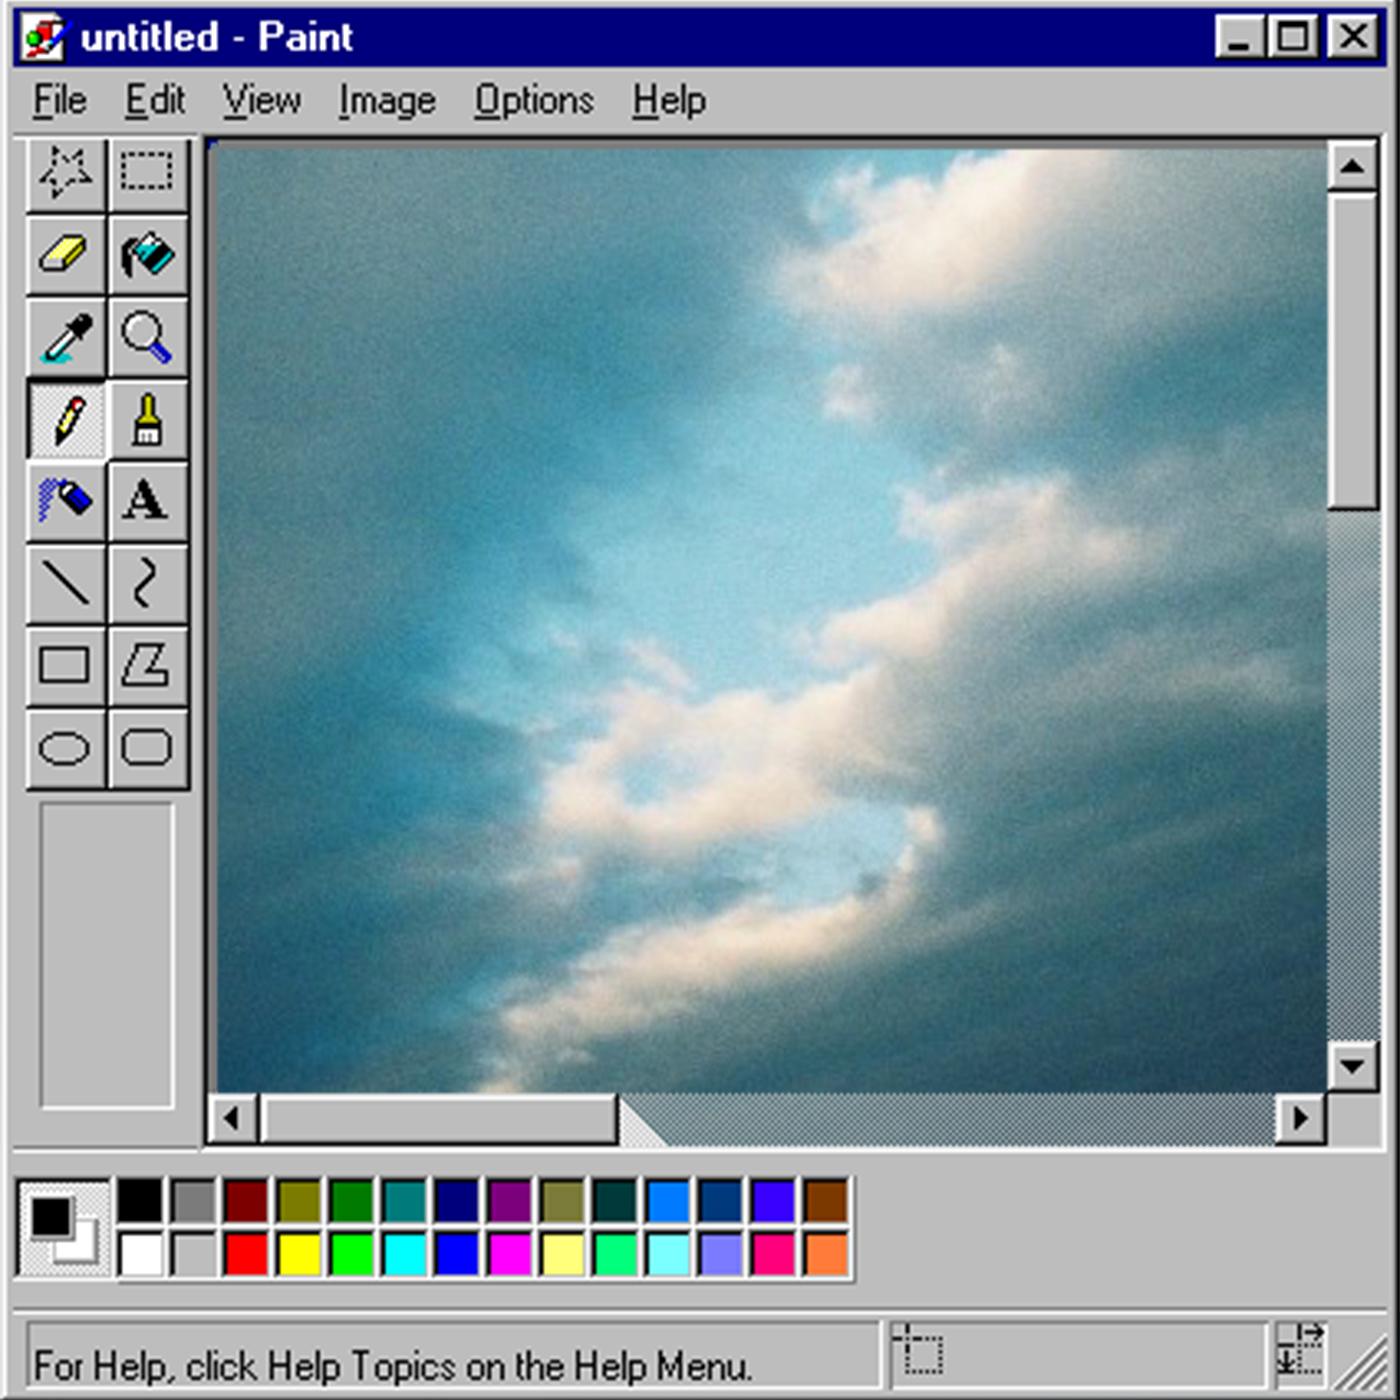 Как сделать фото круглой формы в paint